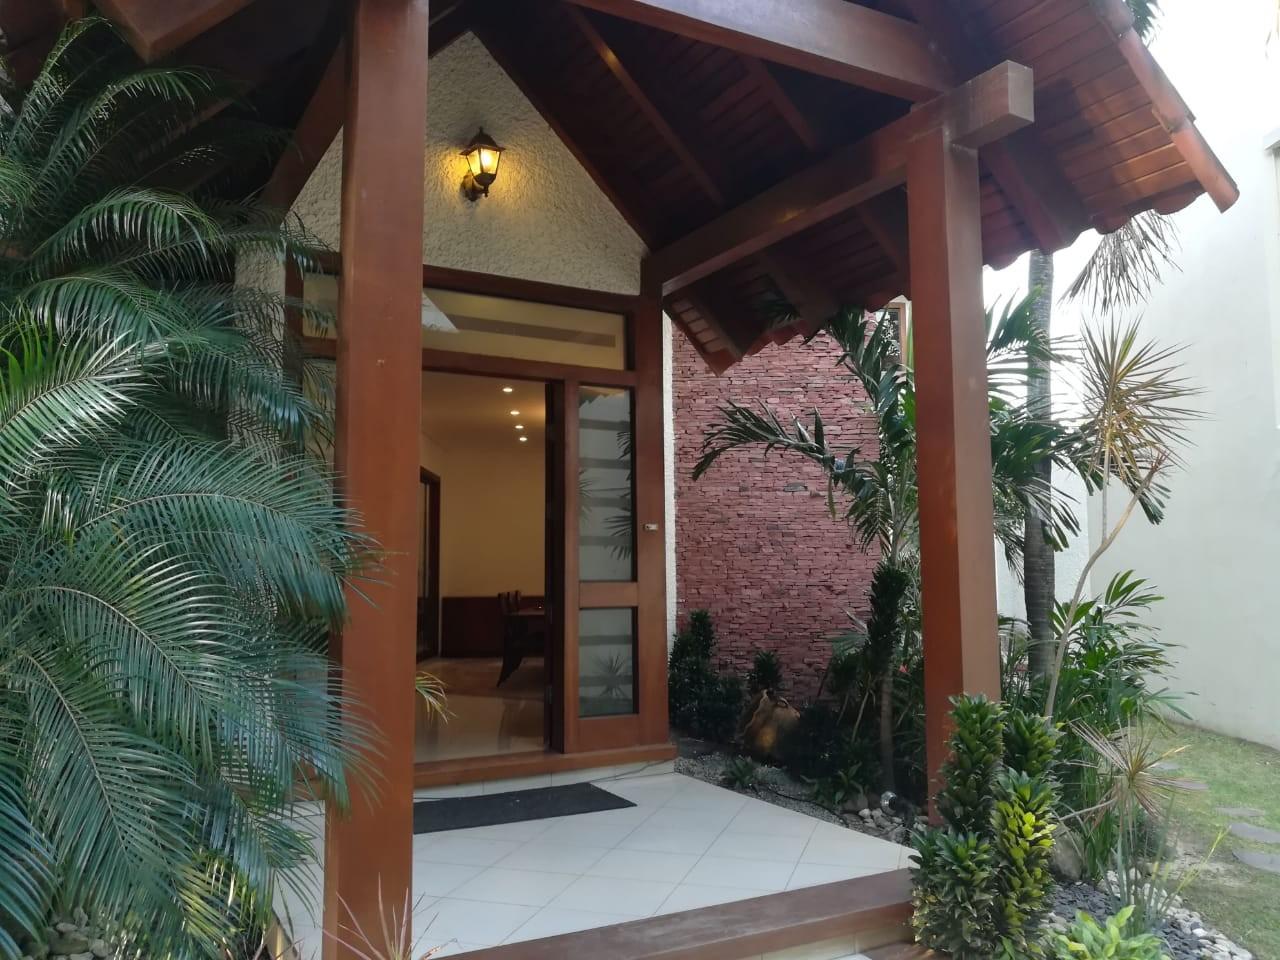 Casa en Alquiler Av. Banzer 4to anillo Cond. Barrio Norte Foto 23